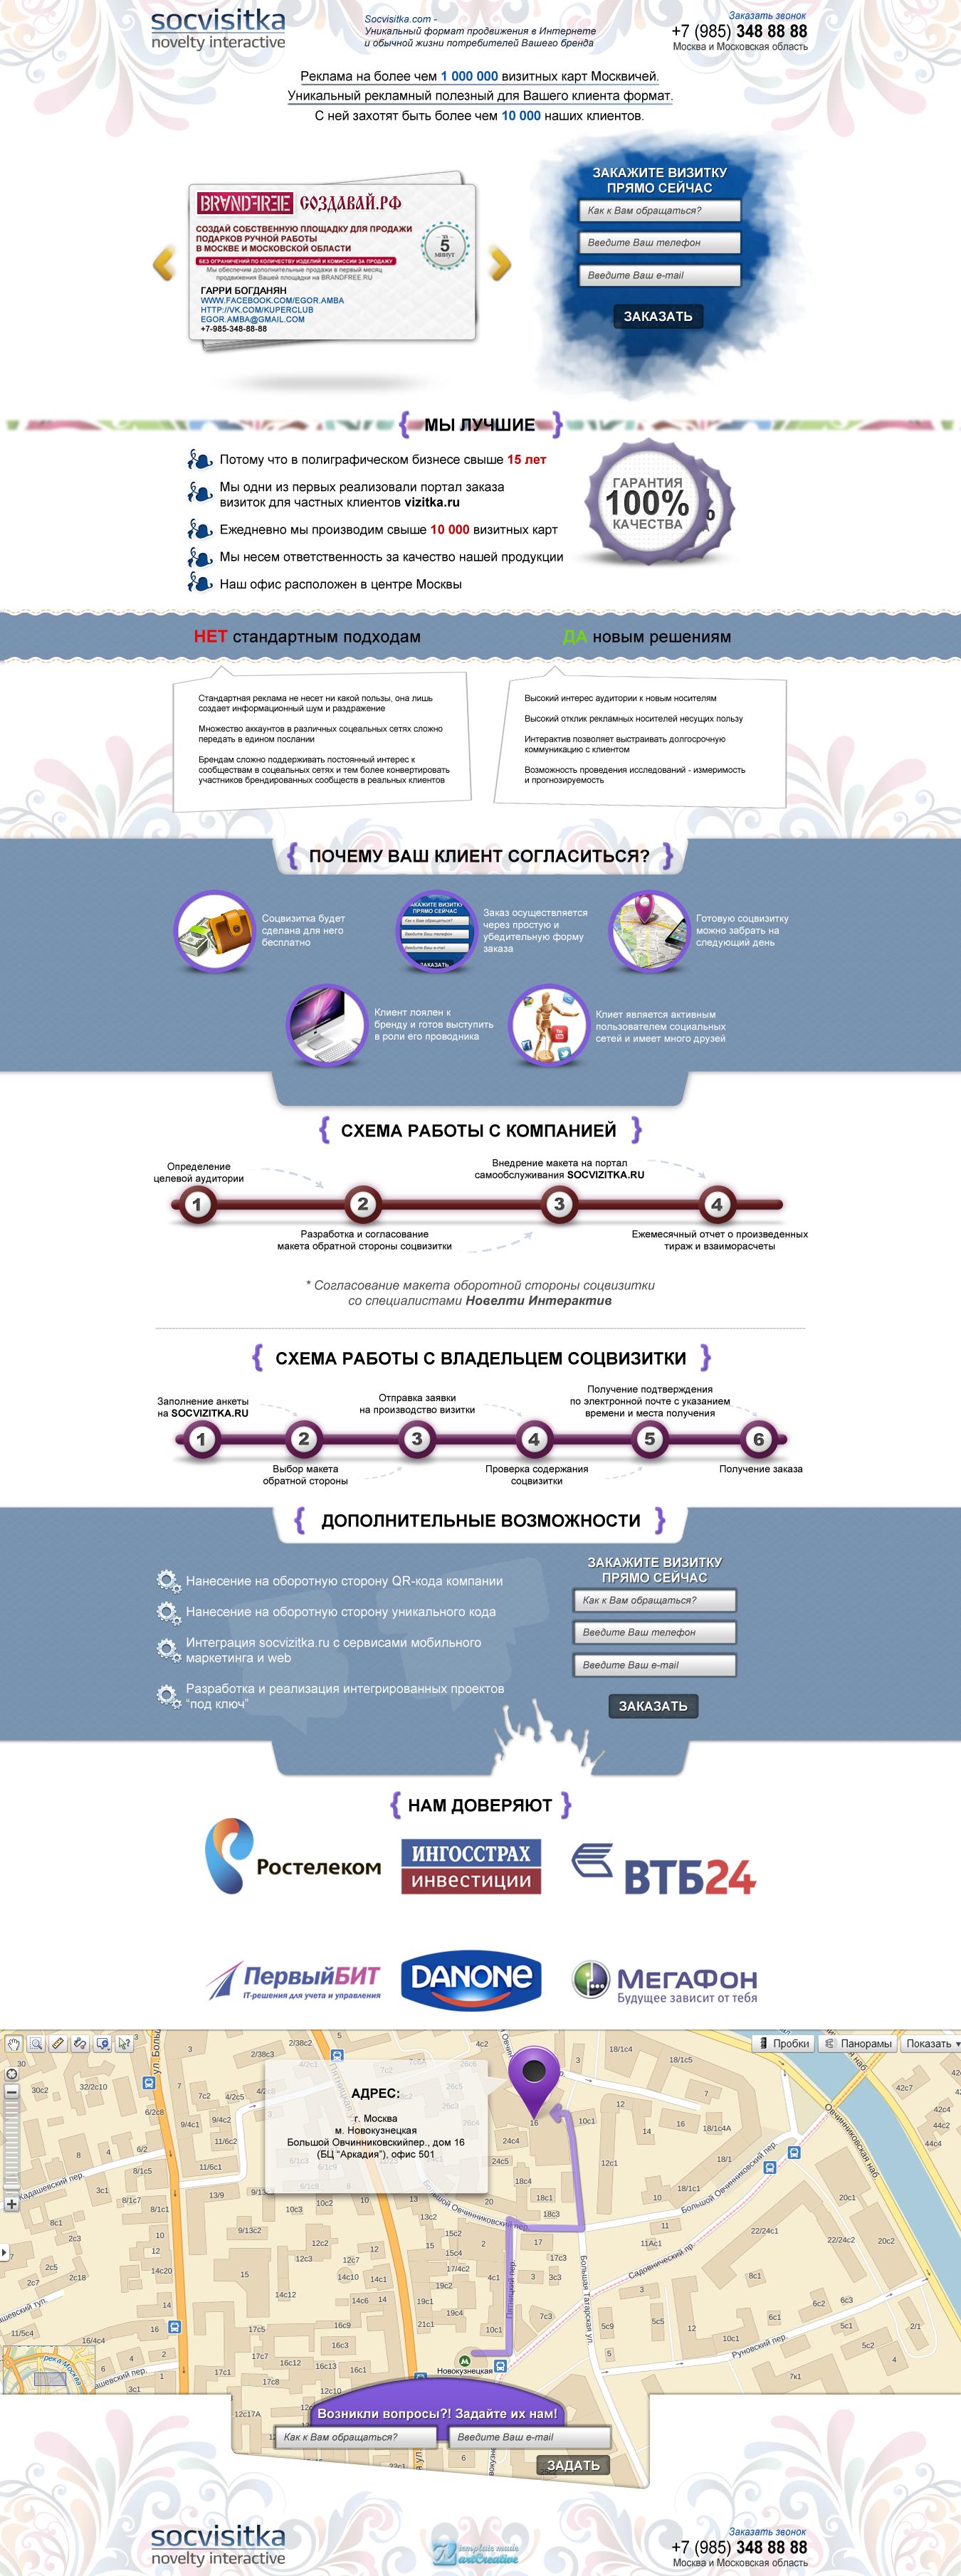 Макет Lending Page SOCVIZITKA